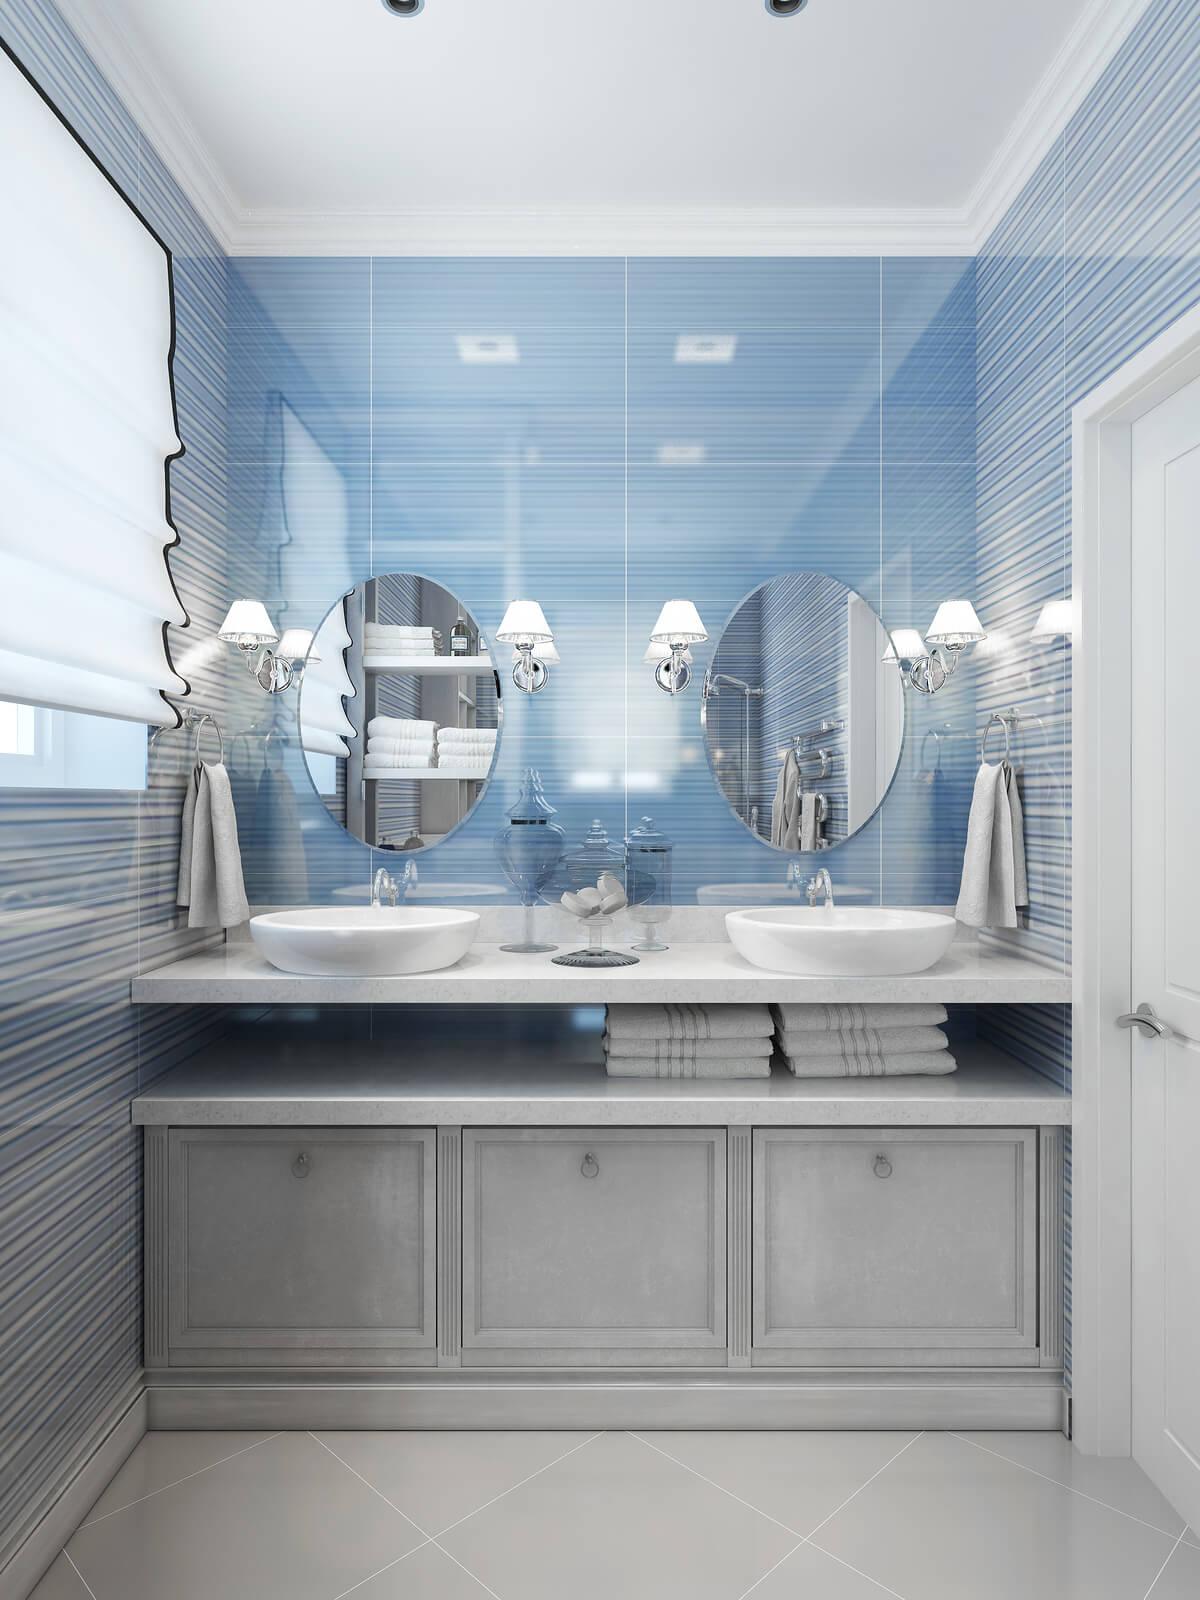 Bathroom Remodeling in Boulder | KBC Remodeling Services